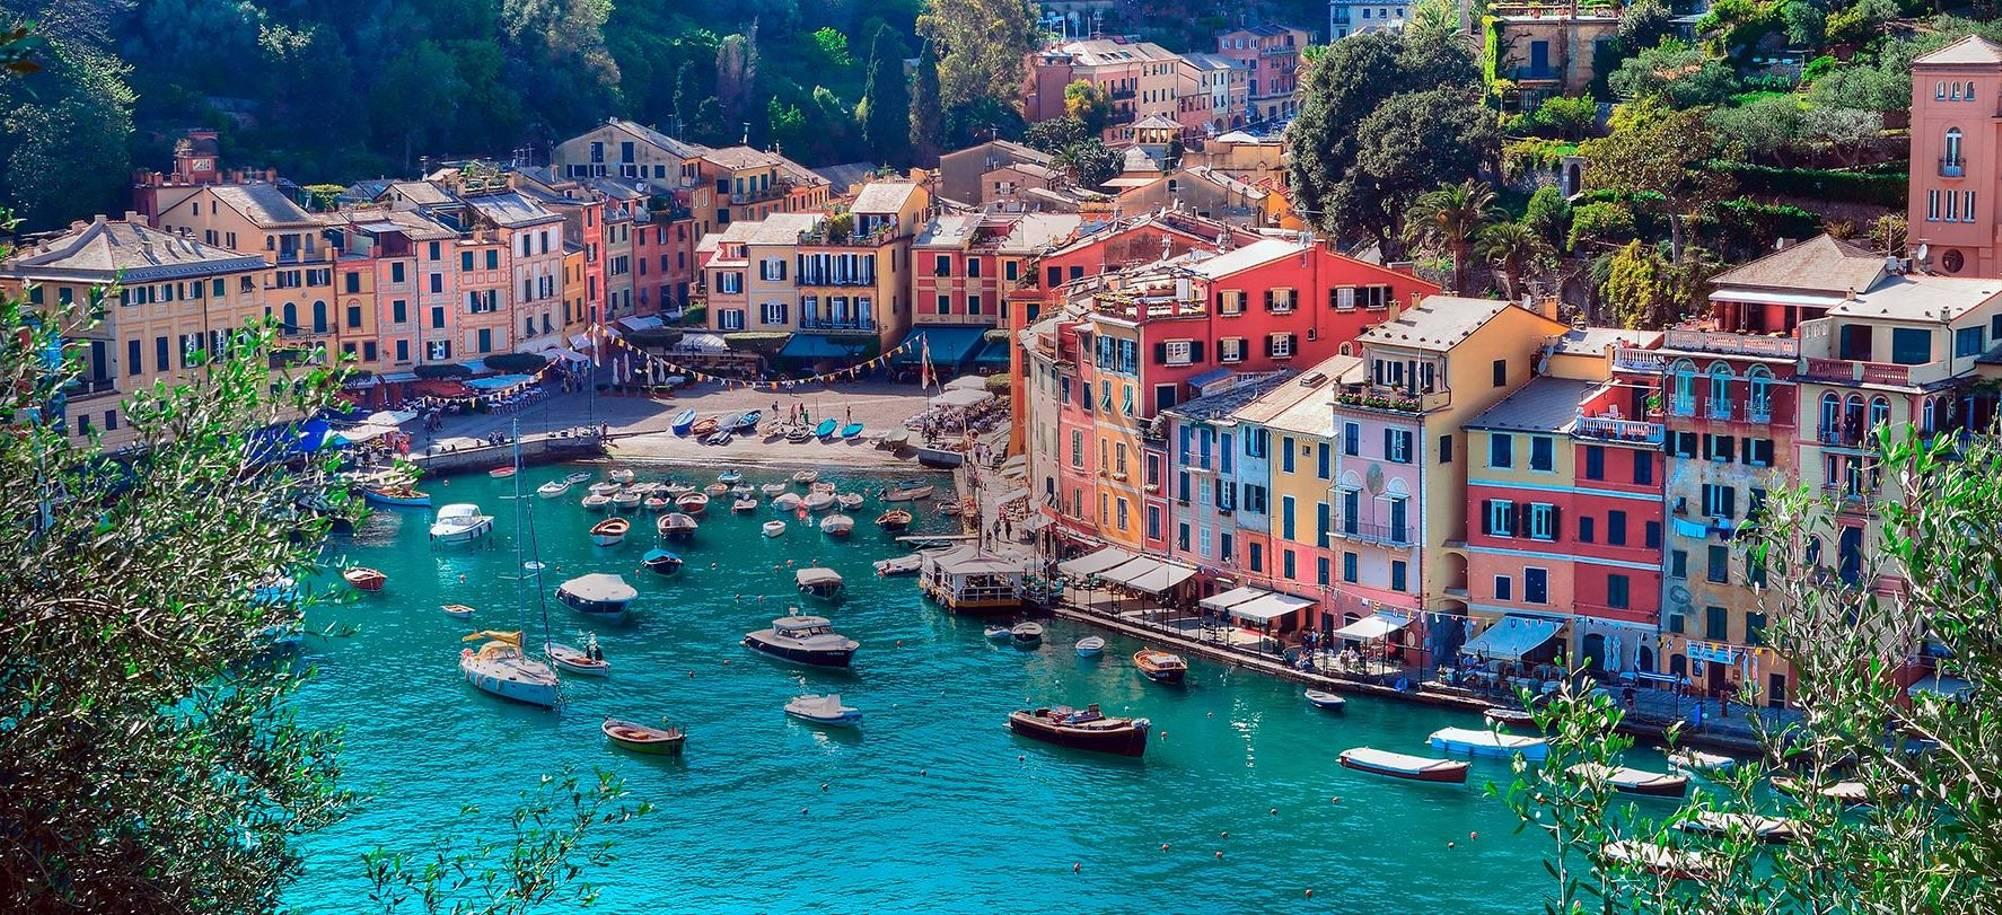 Genoa,-Italy.jpg